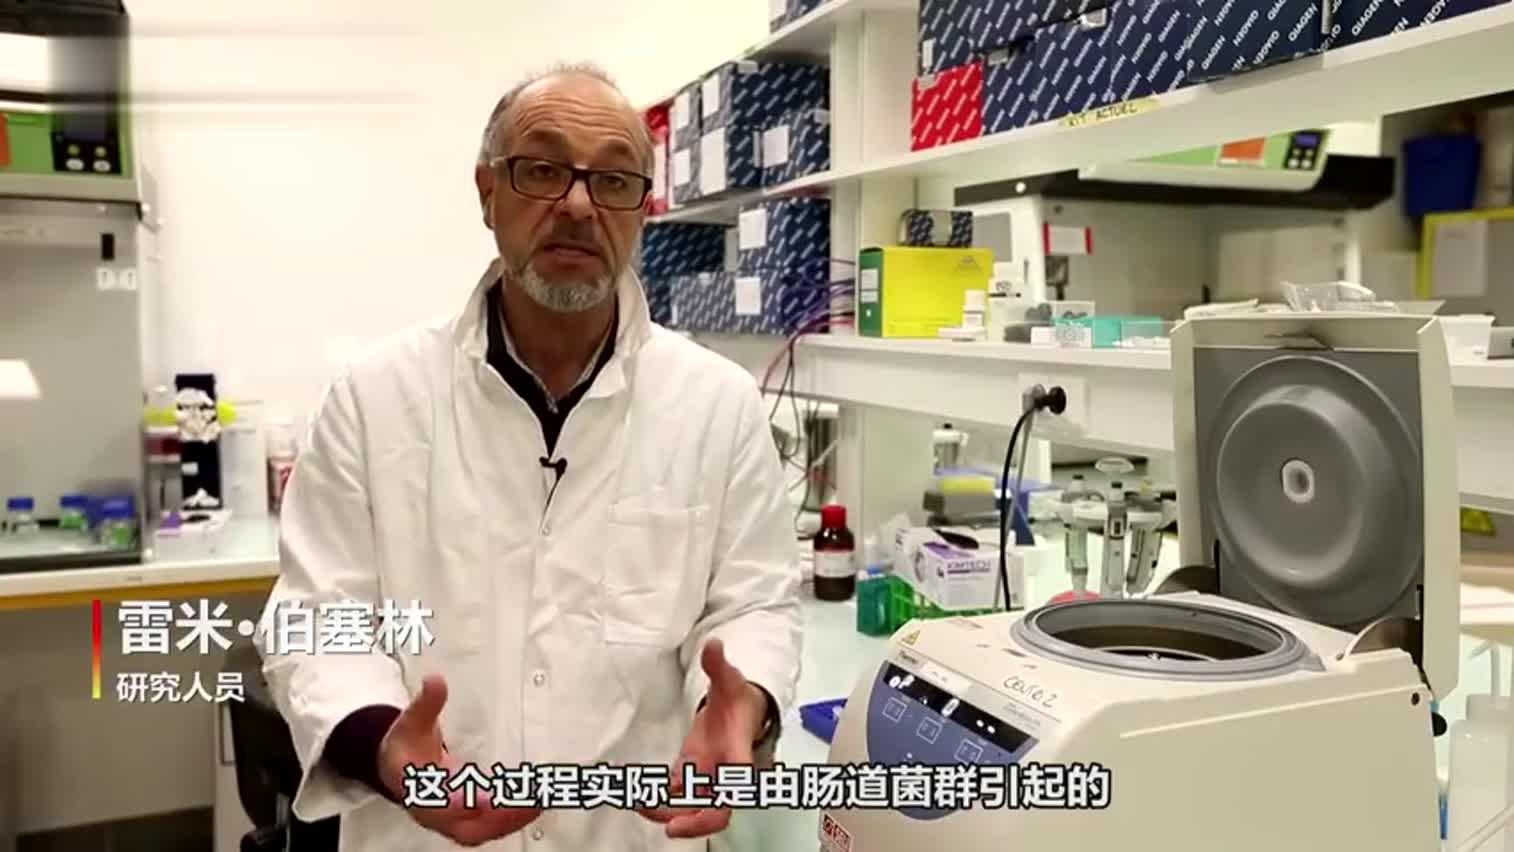 视频-摒弃强制饲喂 法国科学家利用细菌养出天然鹅